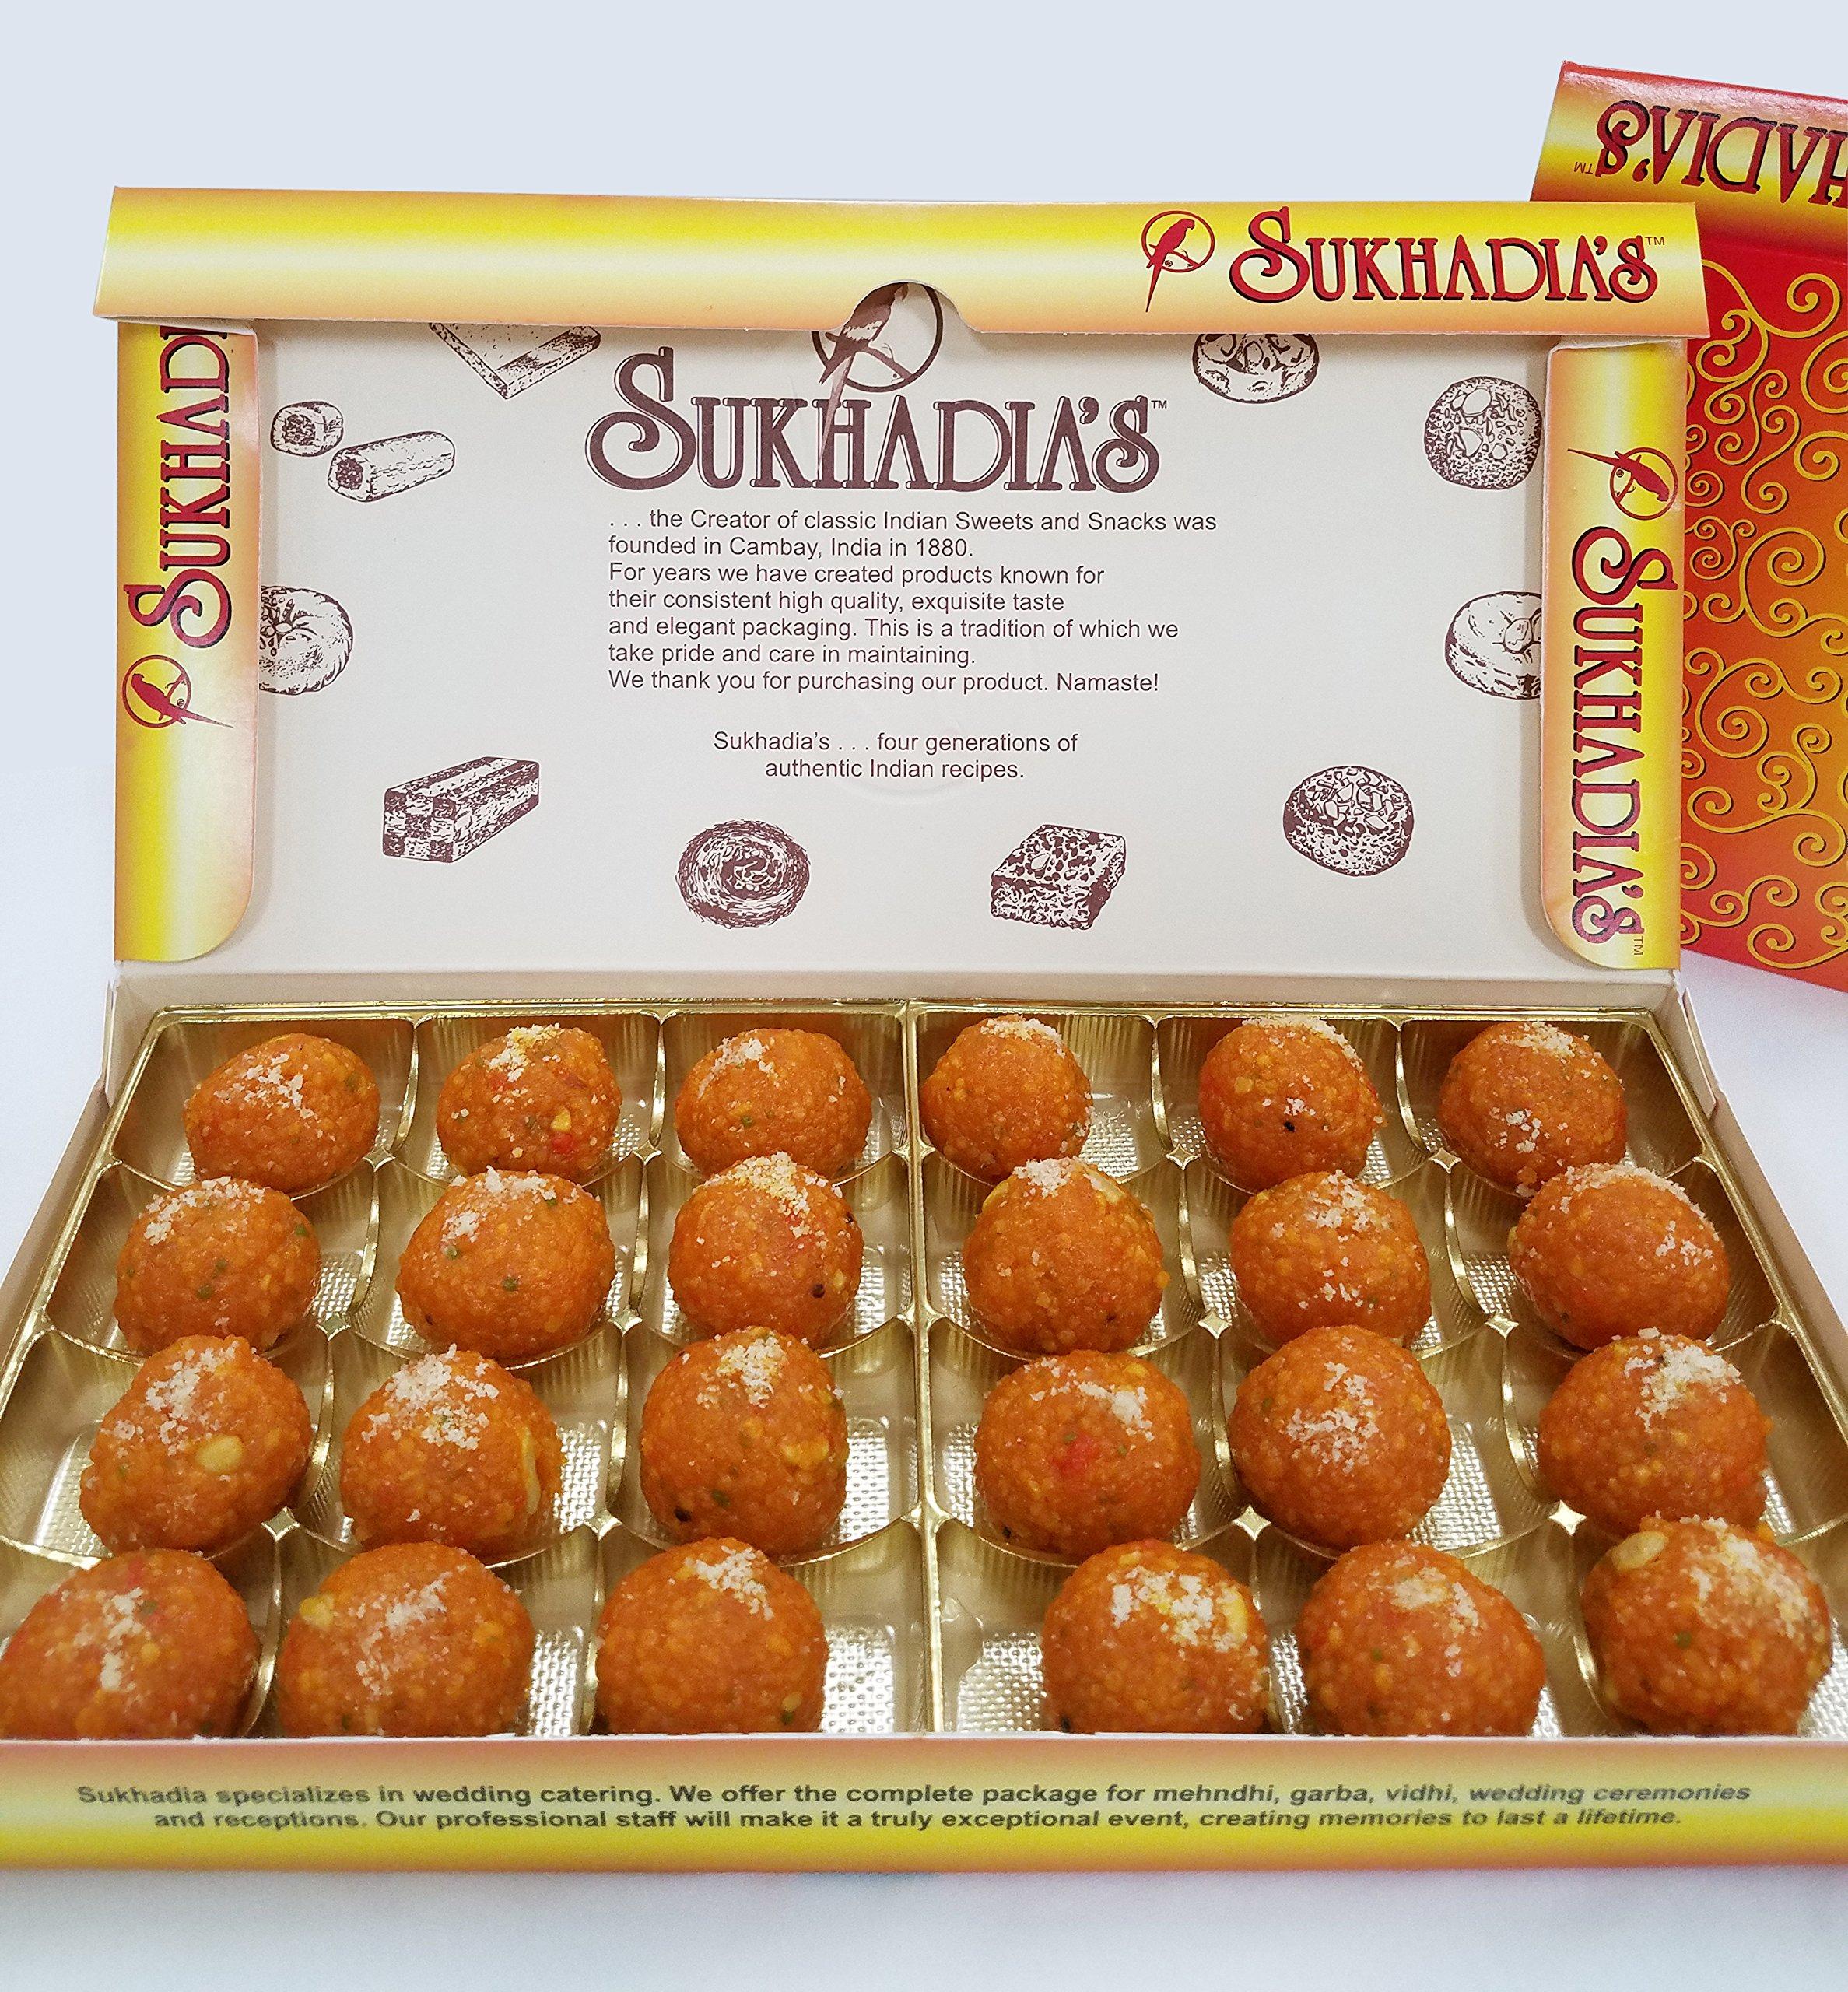 Sukhadia's Motichoor Ladoo Indian Sweet, 2LB Box (32oz)